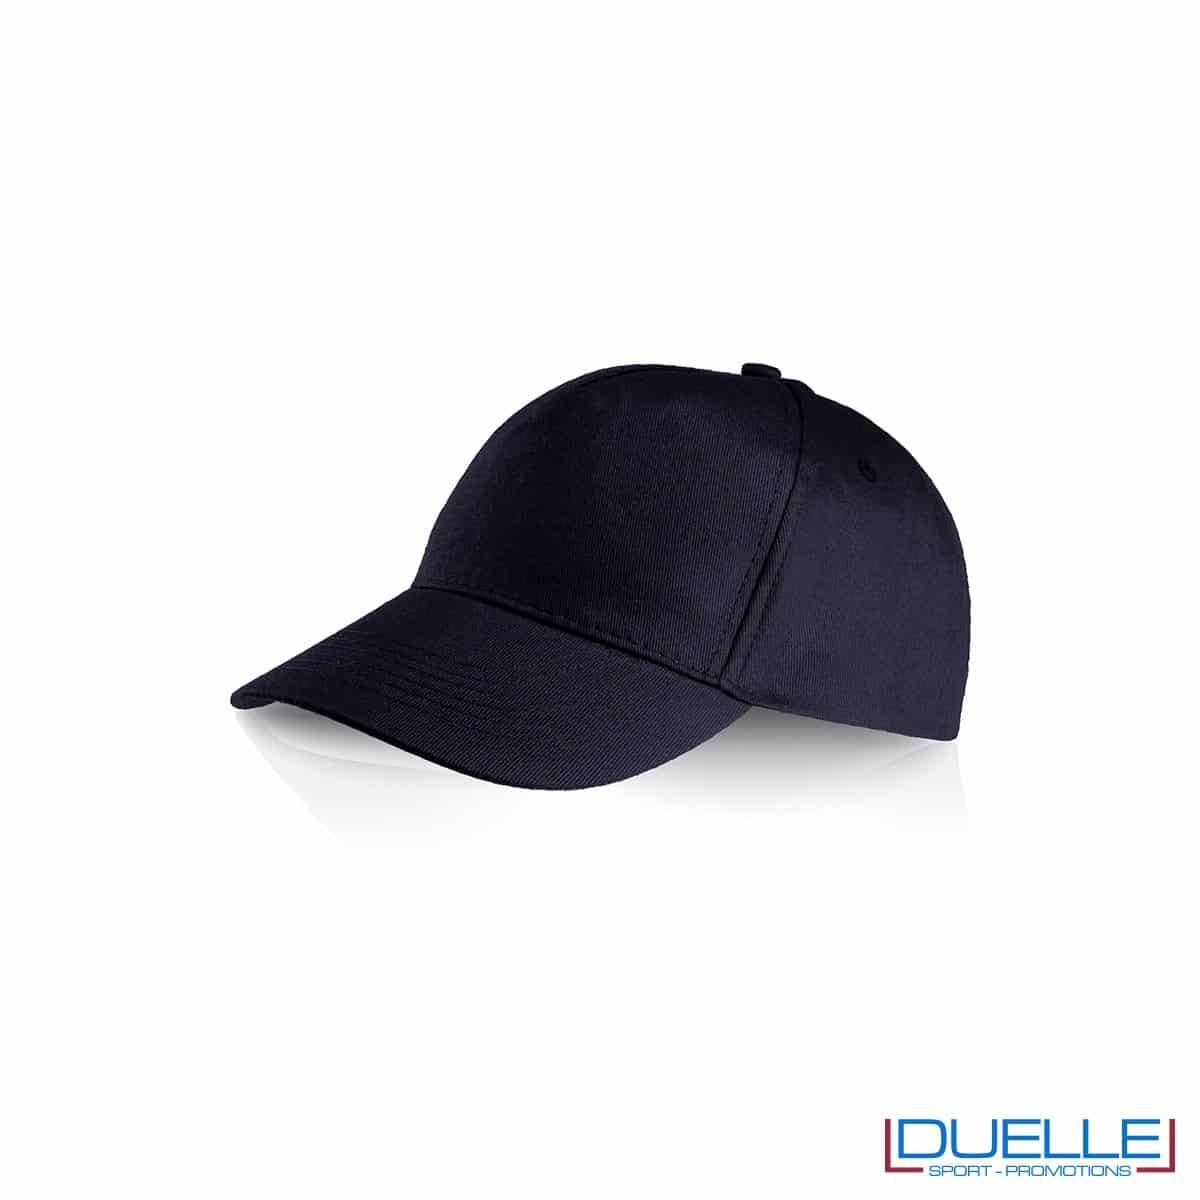 Cappellino personalizzato cotone nero, cappellini promozionali baseball, cappellini baseball personalizzati nero